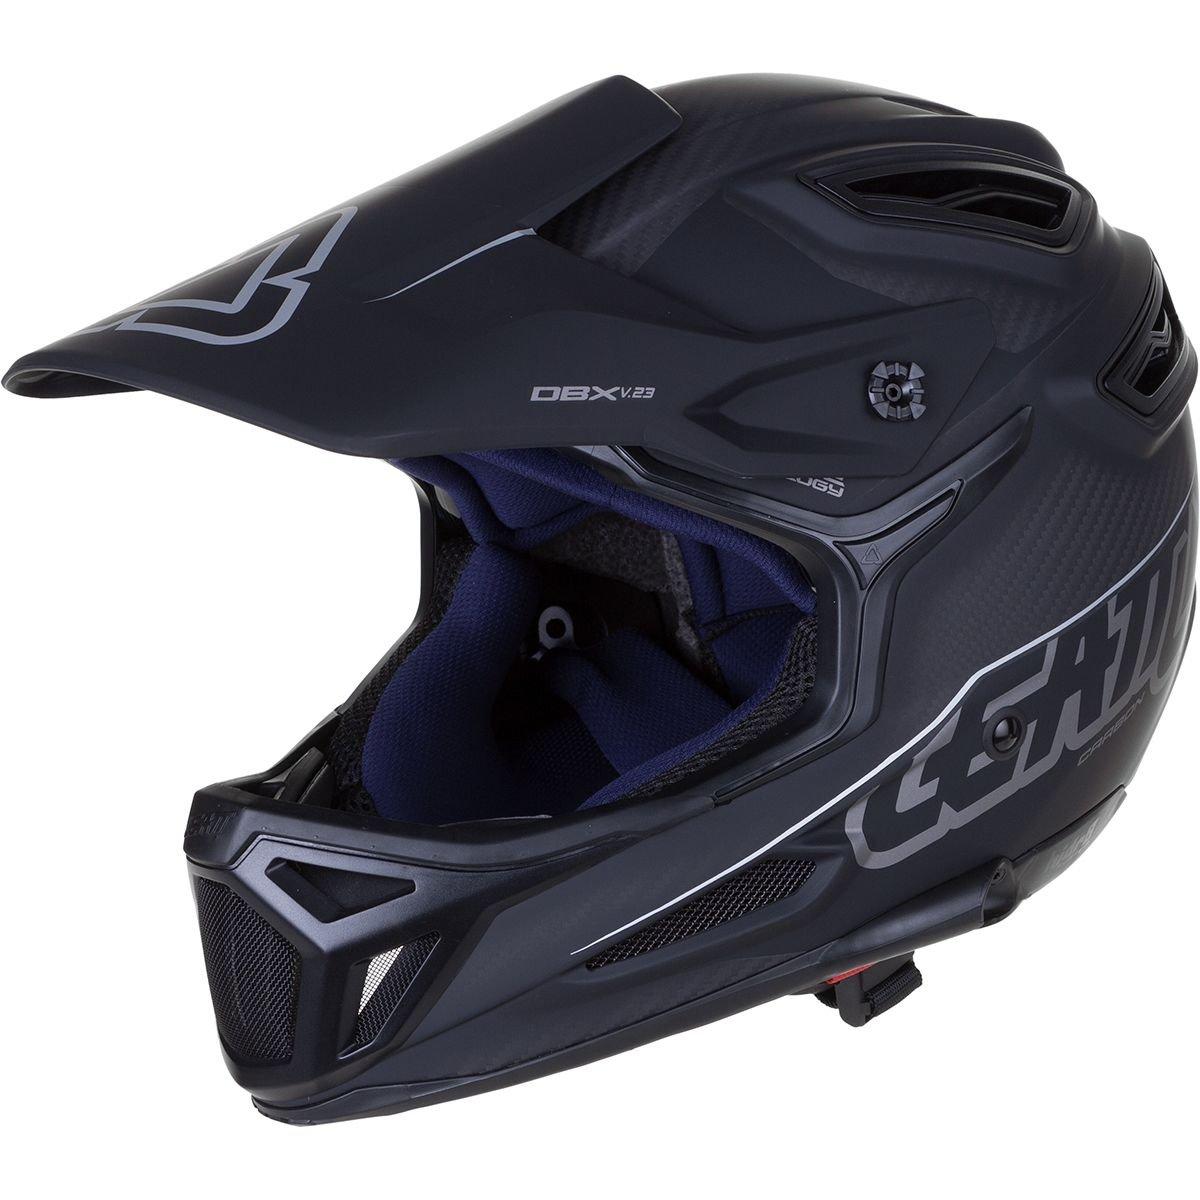 Leatt DBX 6.0カーボンV23自転車用ヘルメット-XL   B01M22C6WZ